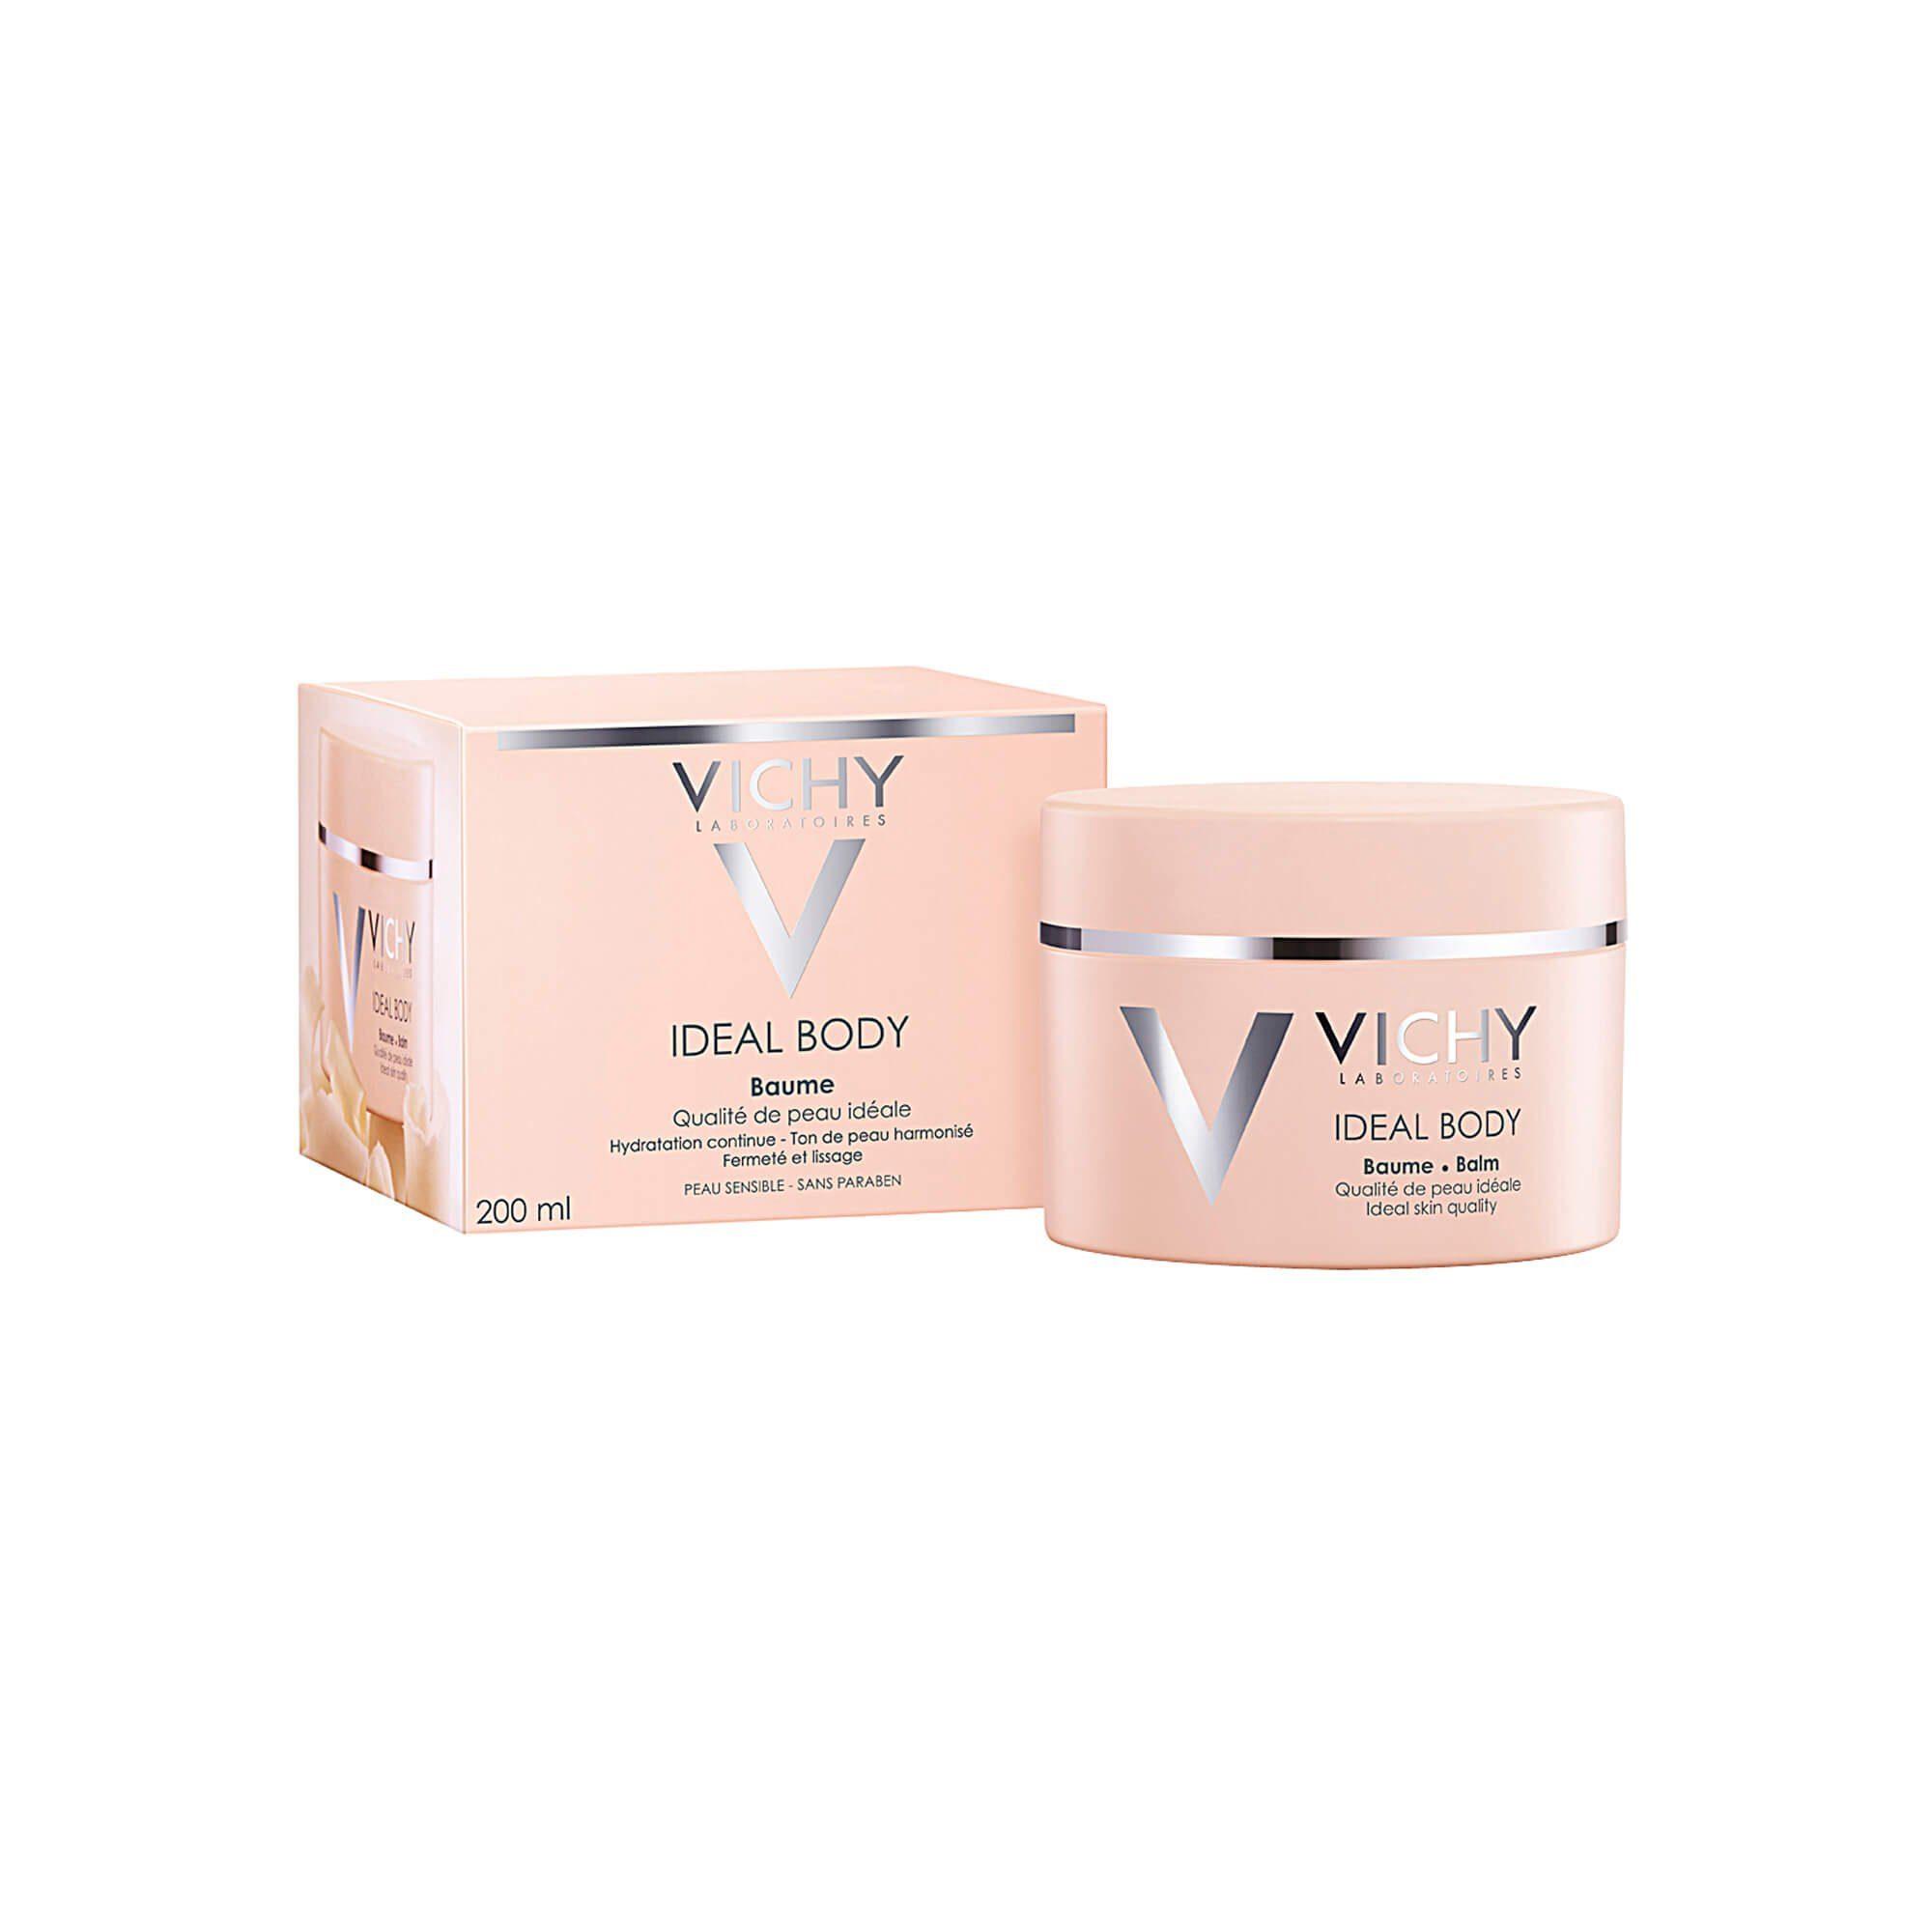 Vichy Ideal Body Balsam, 200 ml